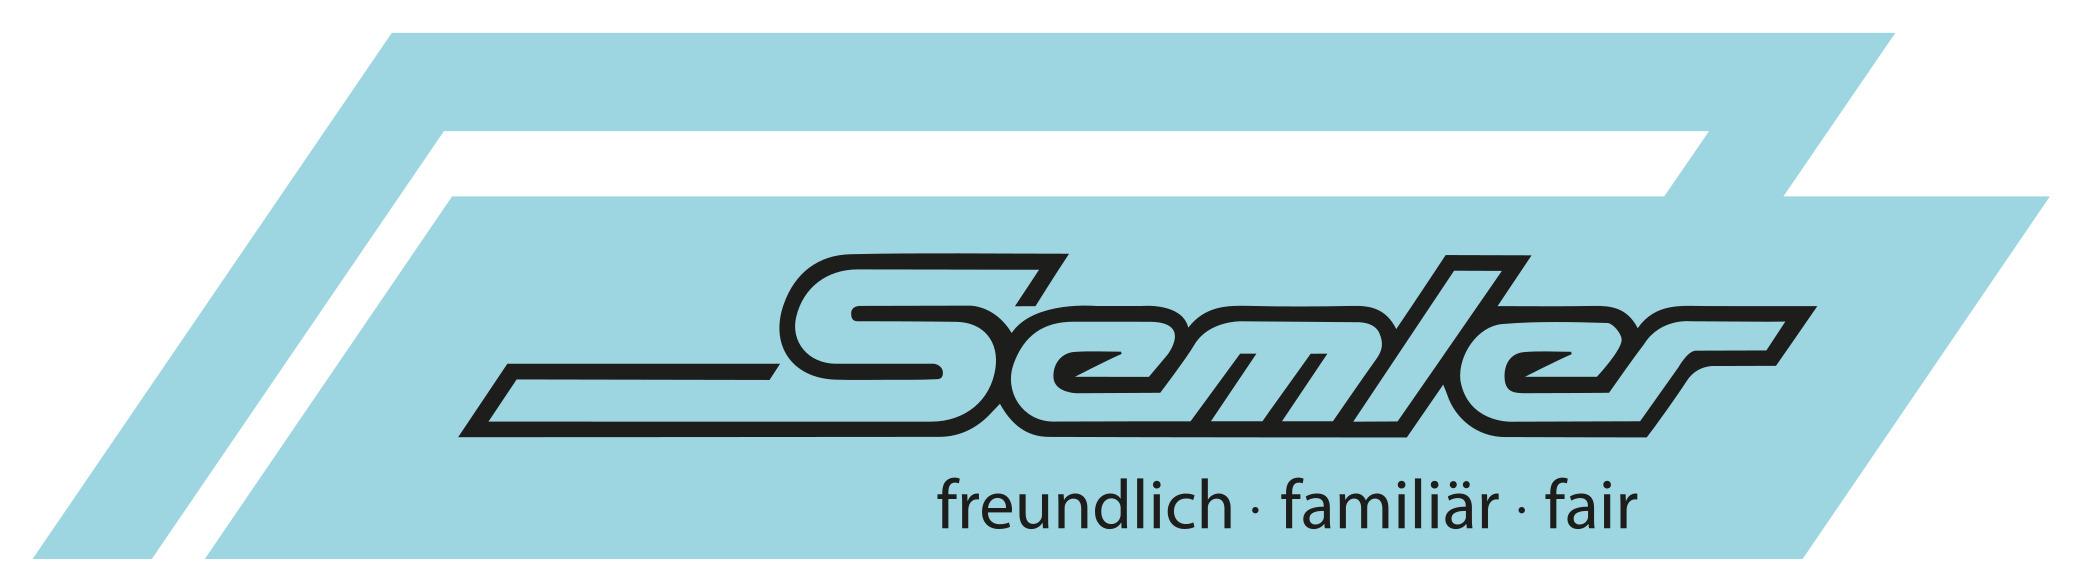 Ersatzteilbörse - Autohaus Semler